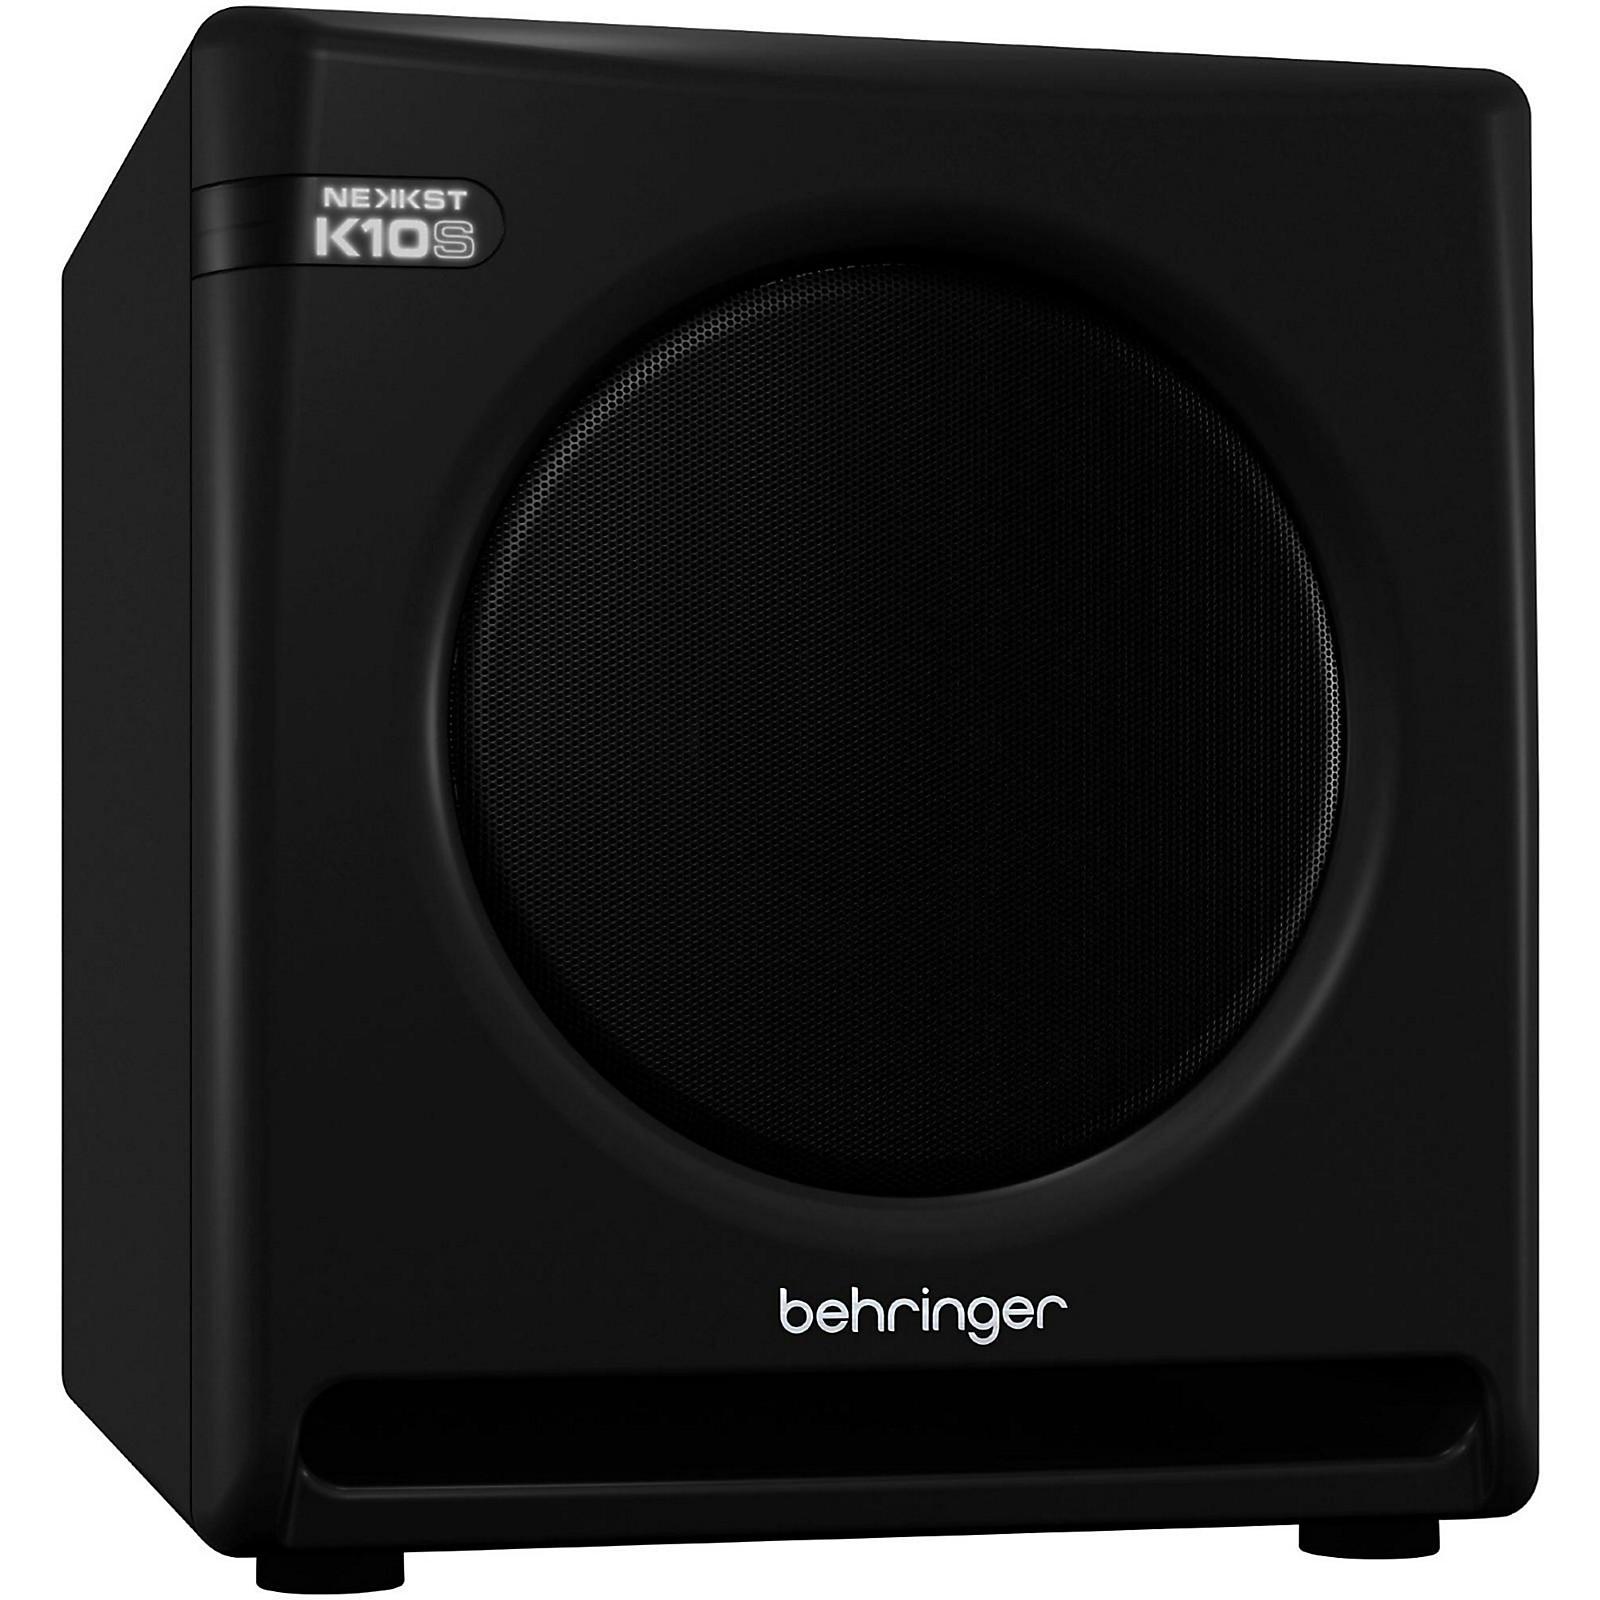 Open Box Behringer NEKKST K10S